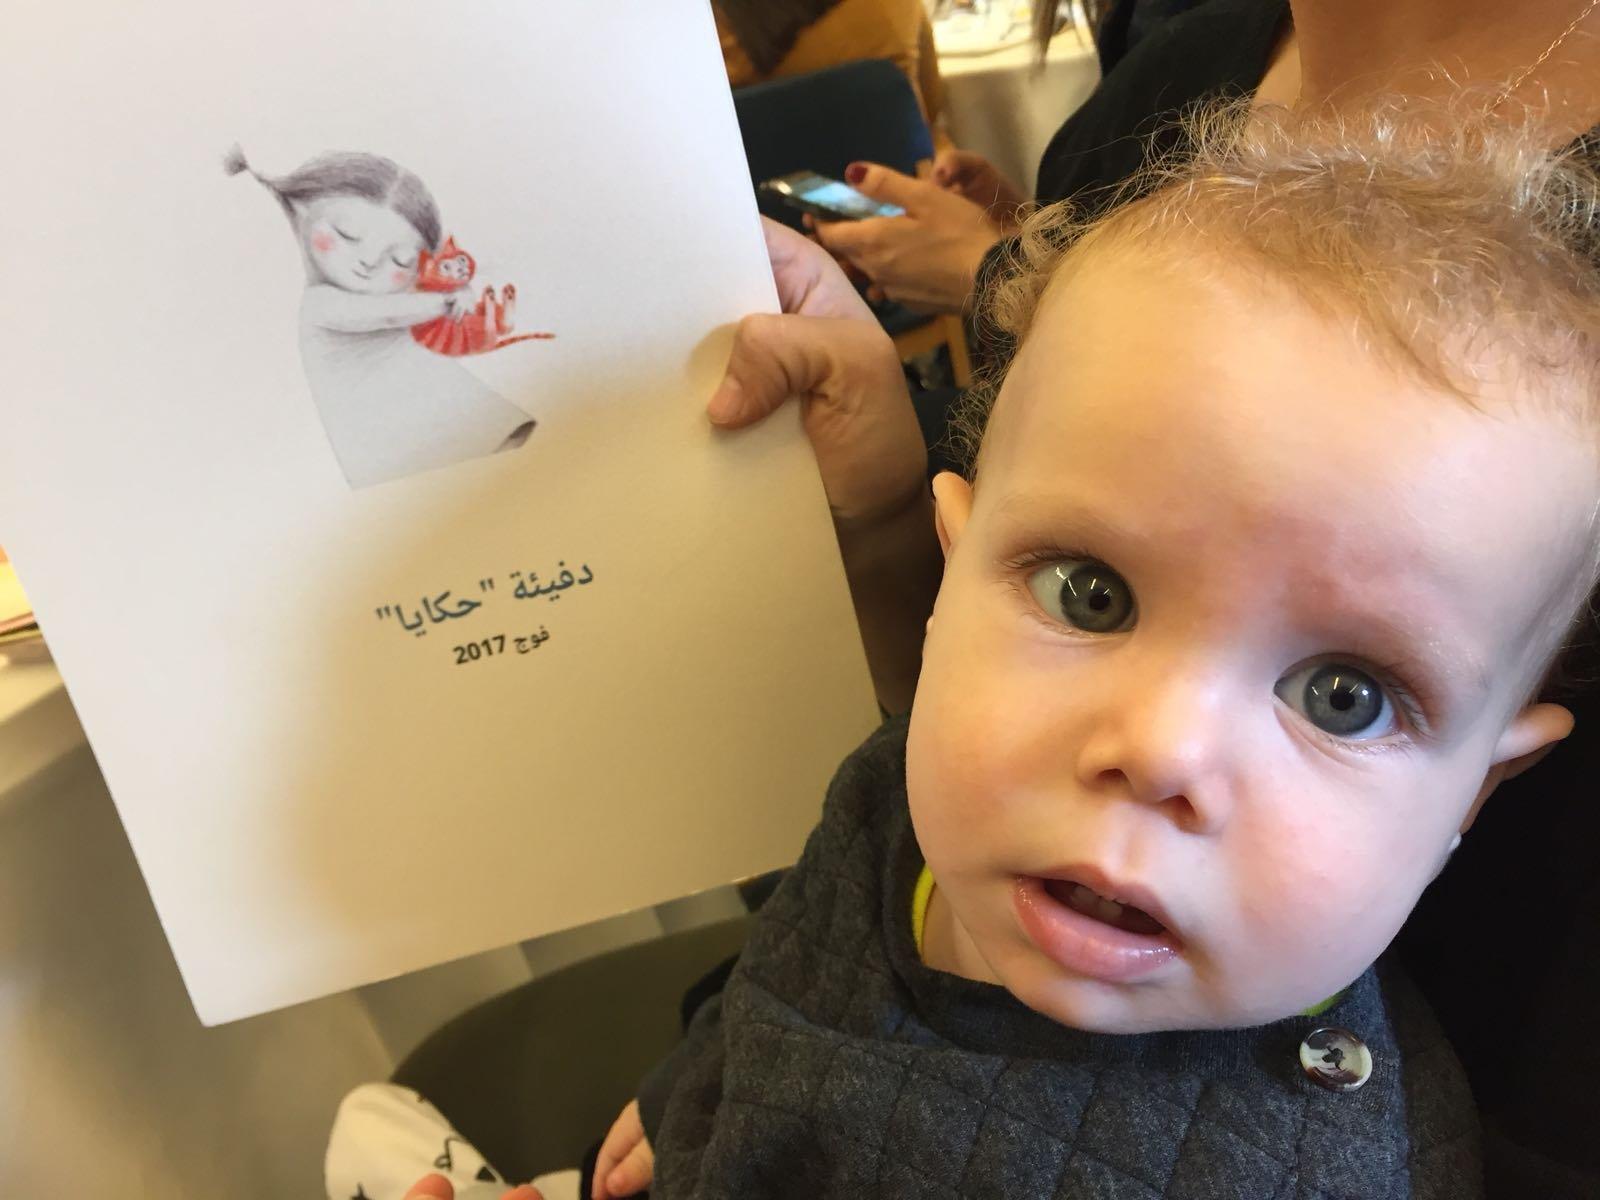 ضمن دفيئة حكايا: اختتام ورشات الرسم والكتابة لكُتب الأطفال لعام 2017